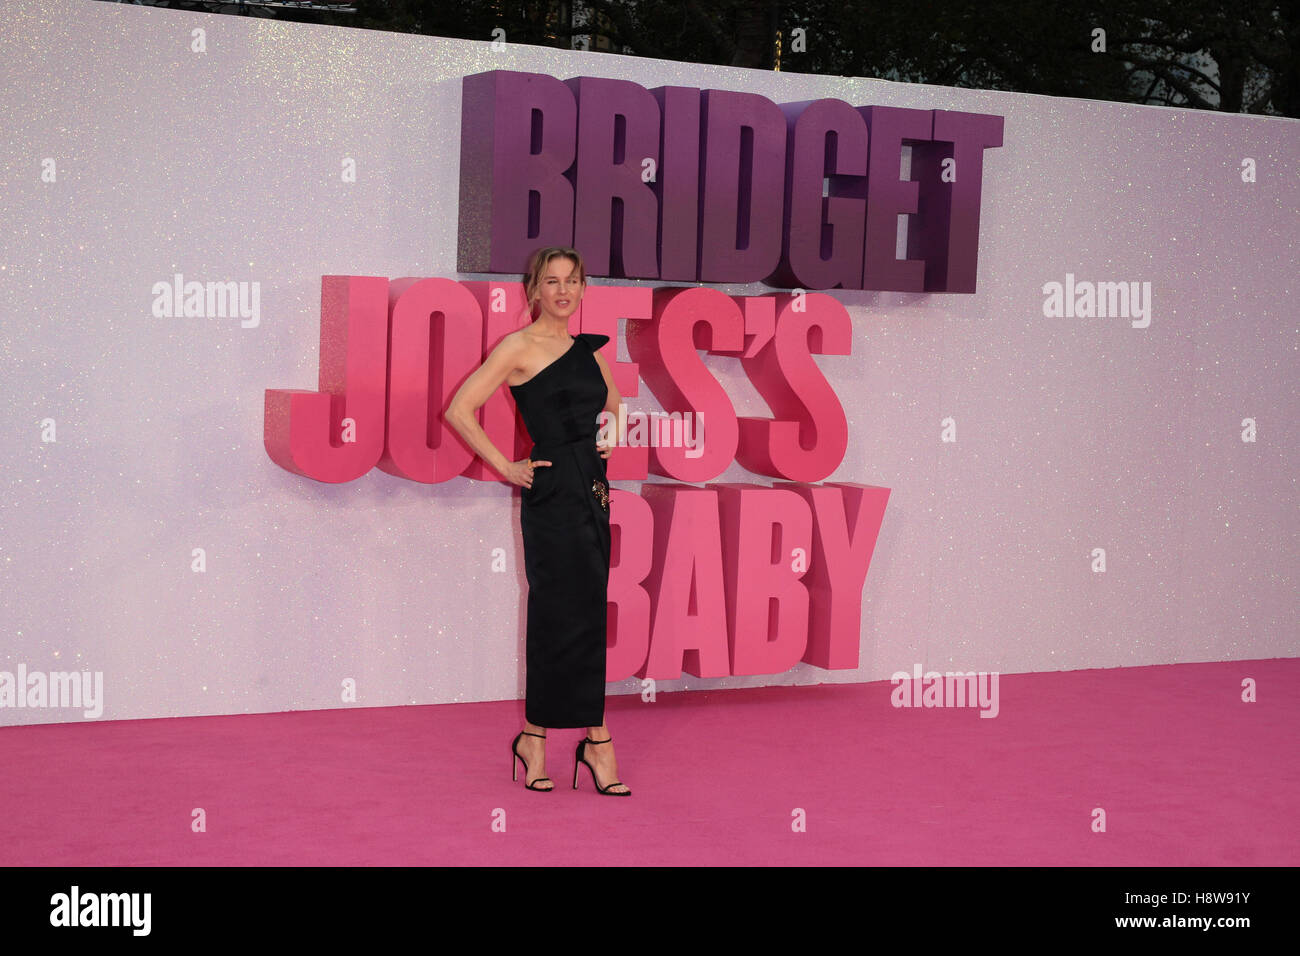 Renee Zellweger attends Bridget Jone's Baby film premiere London on 05 Sep, 2016 - Stock Image